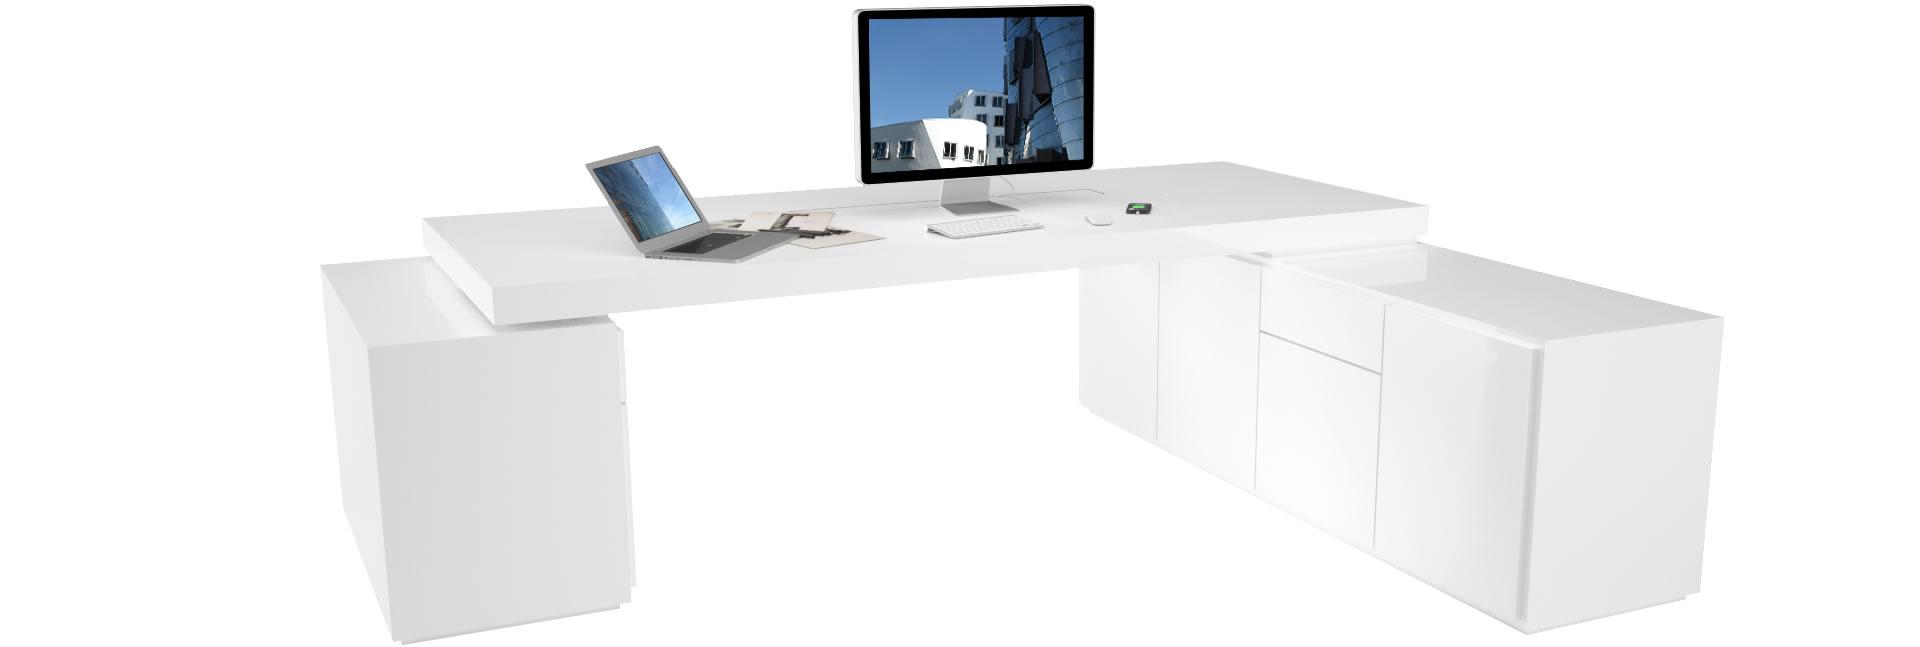 b ro schreibtisch praefectus moderne b ro schreibtische von rechteck. Black Bedroom Furniture Sets. Home Design Ideas